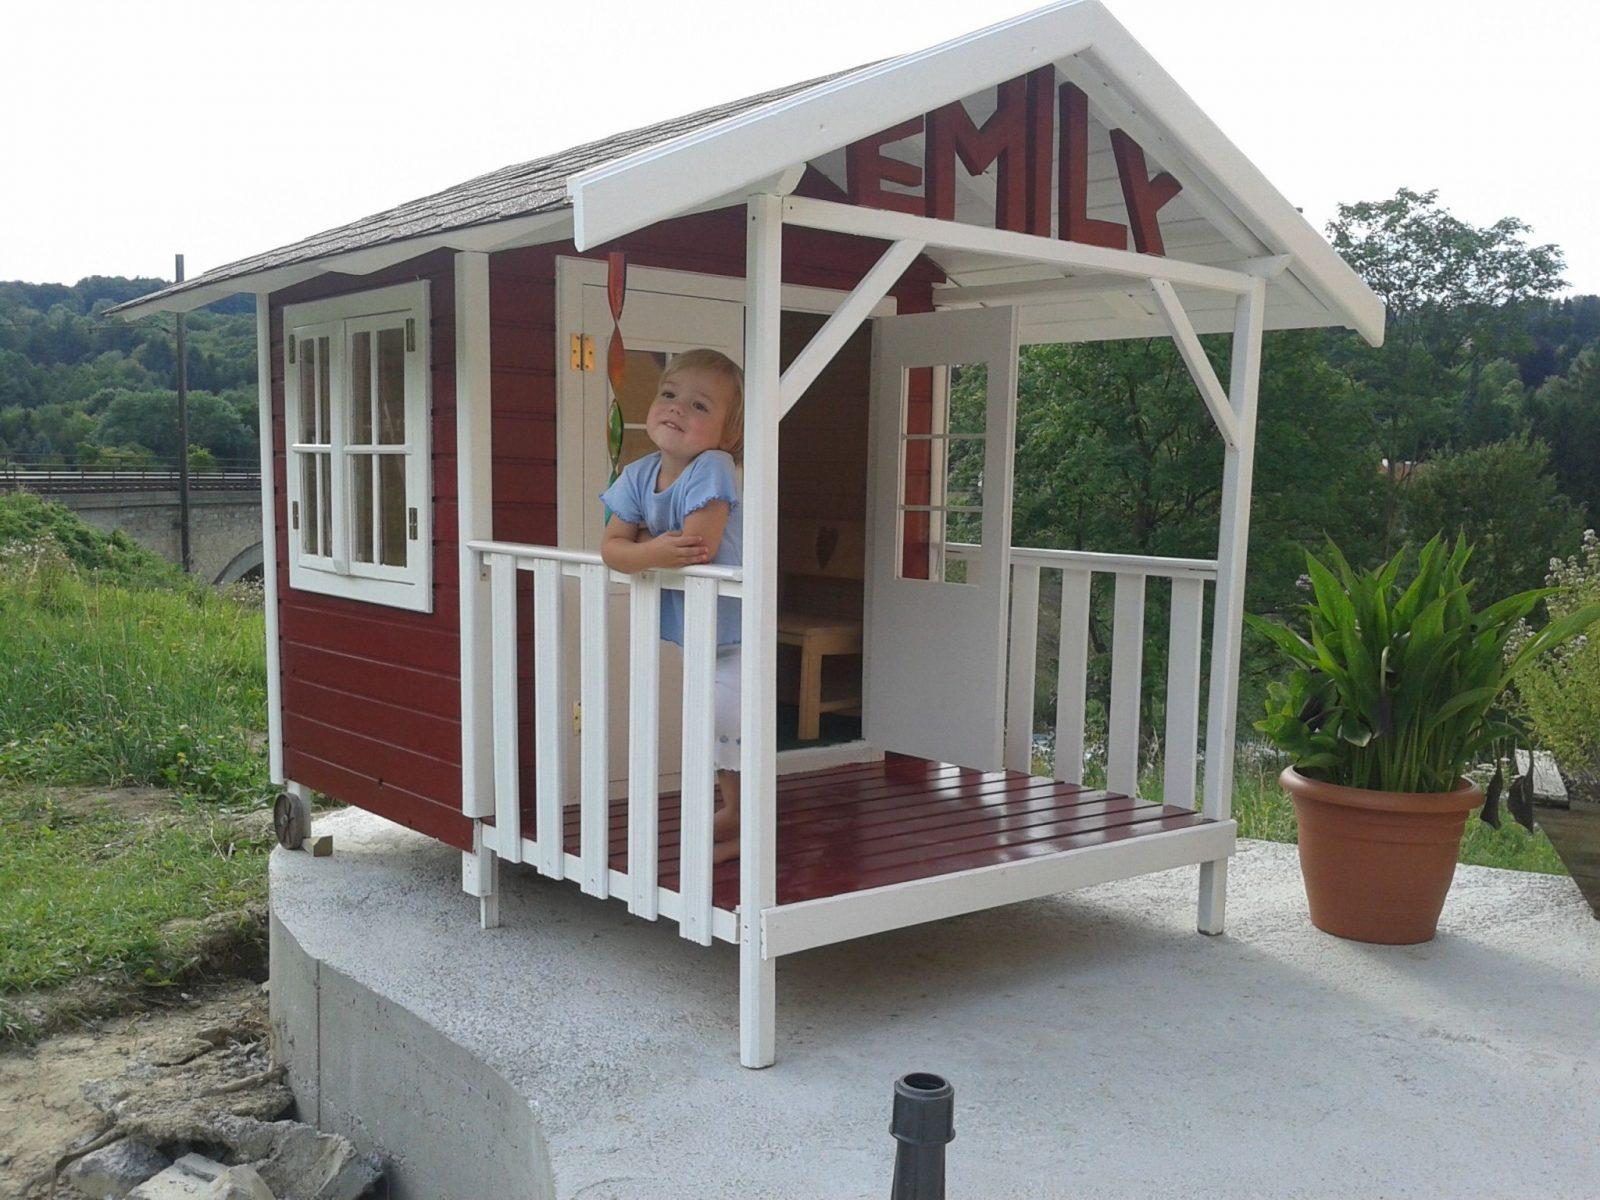 Kinderhaus Bauanleitung Zum Selber Bauen  Heimwerkerforum  Play von Kinder Holzhaus Selber Bauen Photo